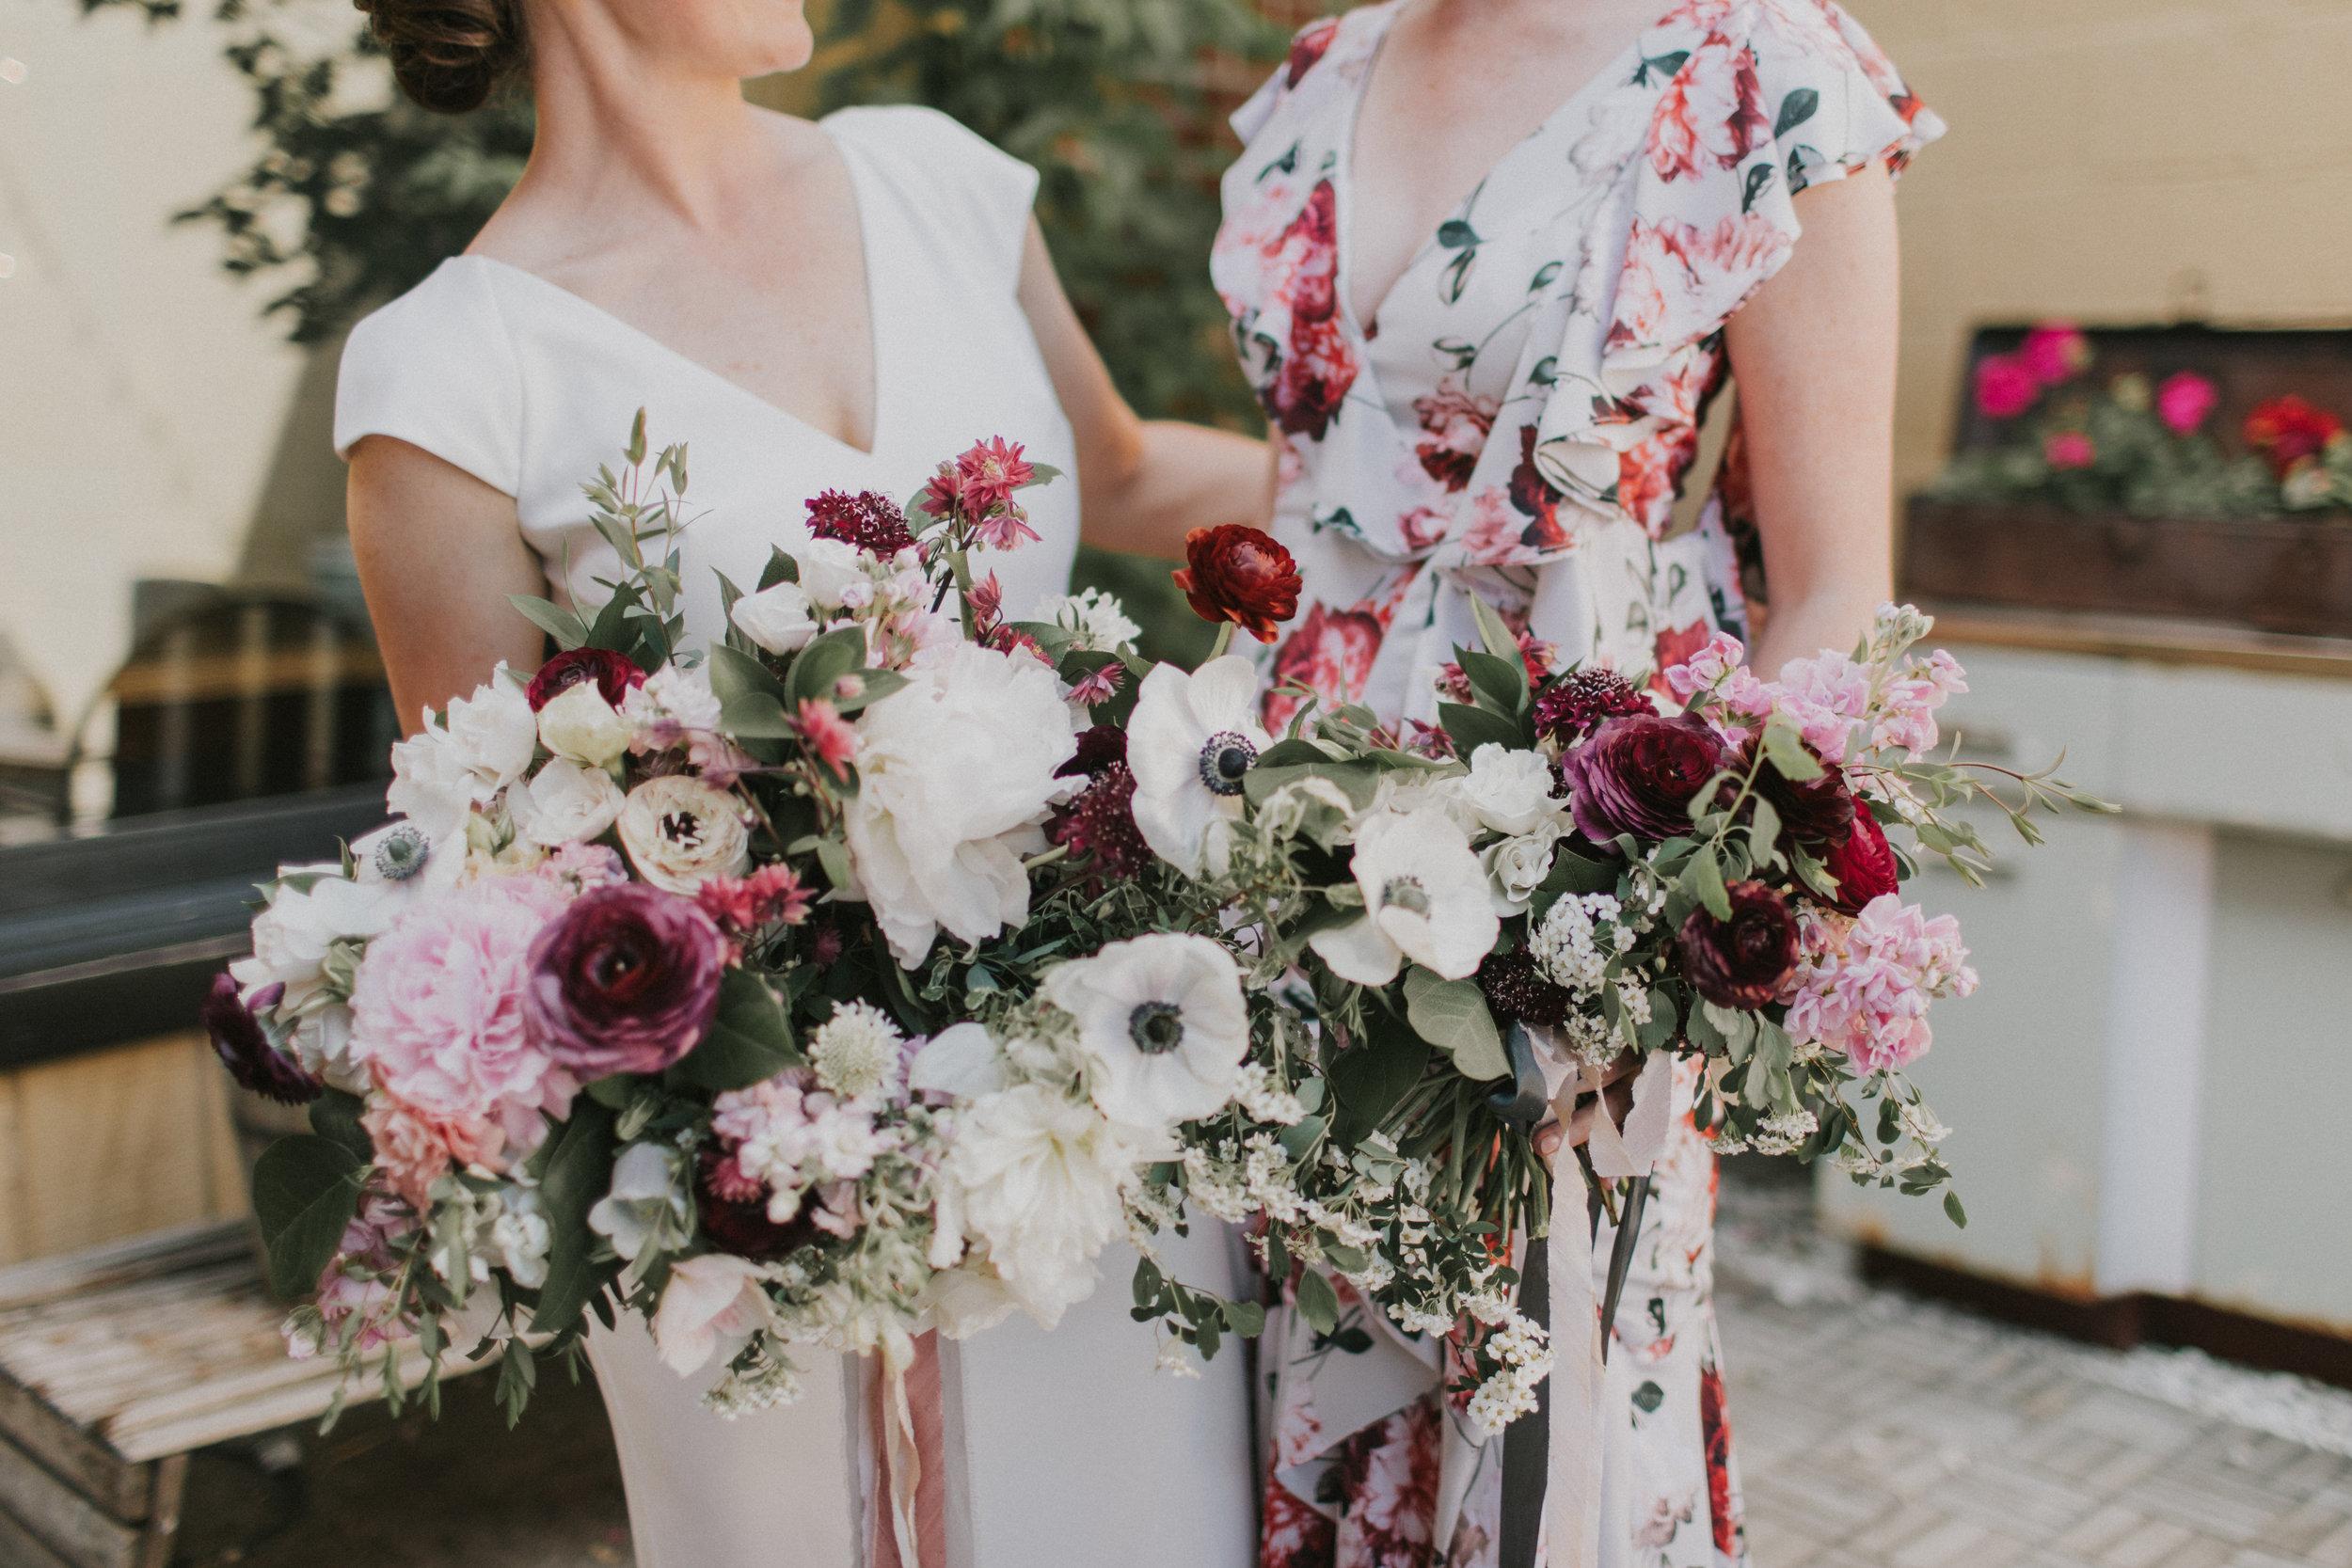 Watershed_Floral_Maine_Wedding_Florist_214.jpg